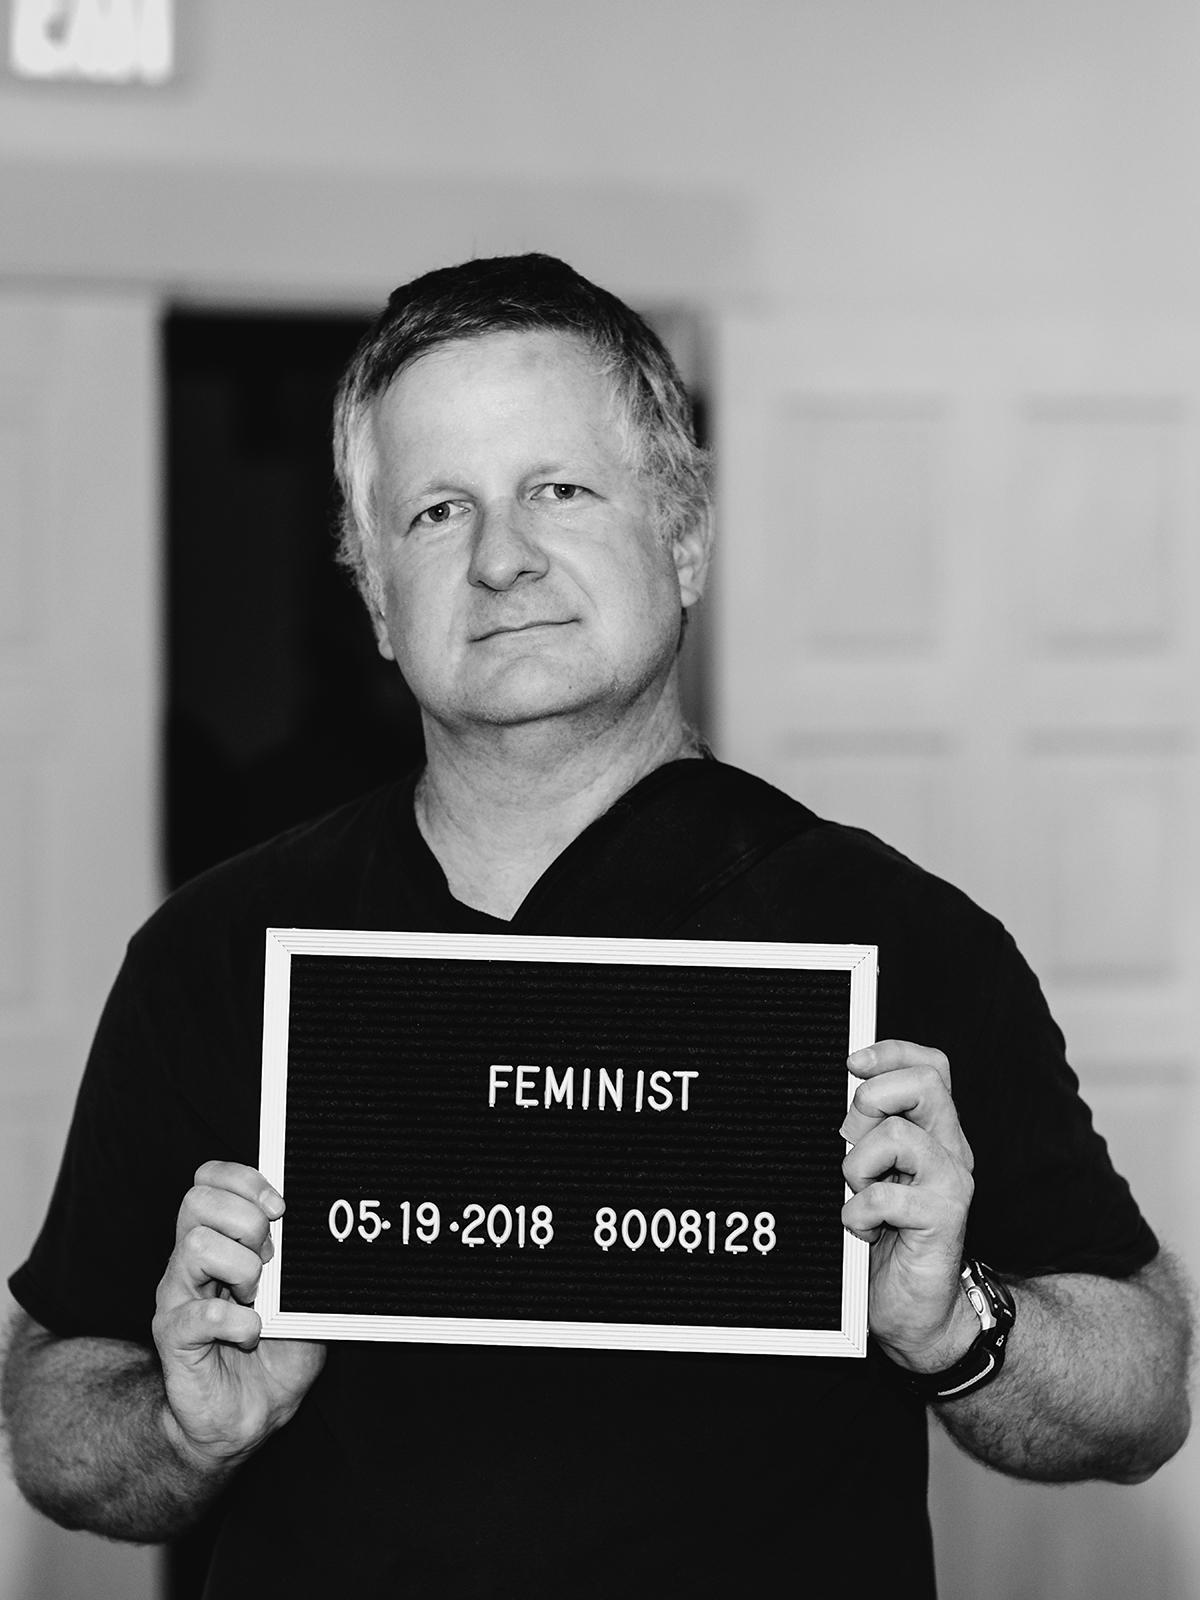 8008128 feminist.jpg